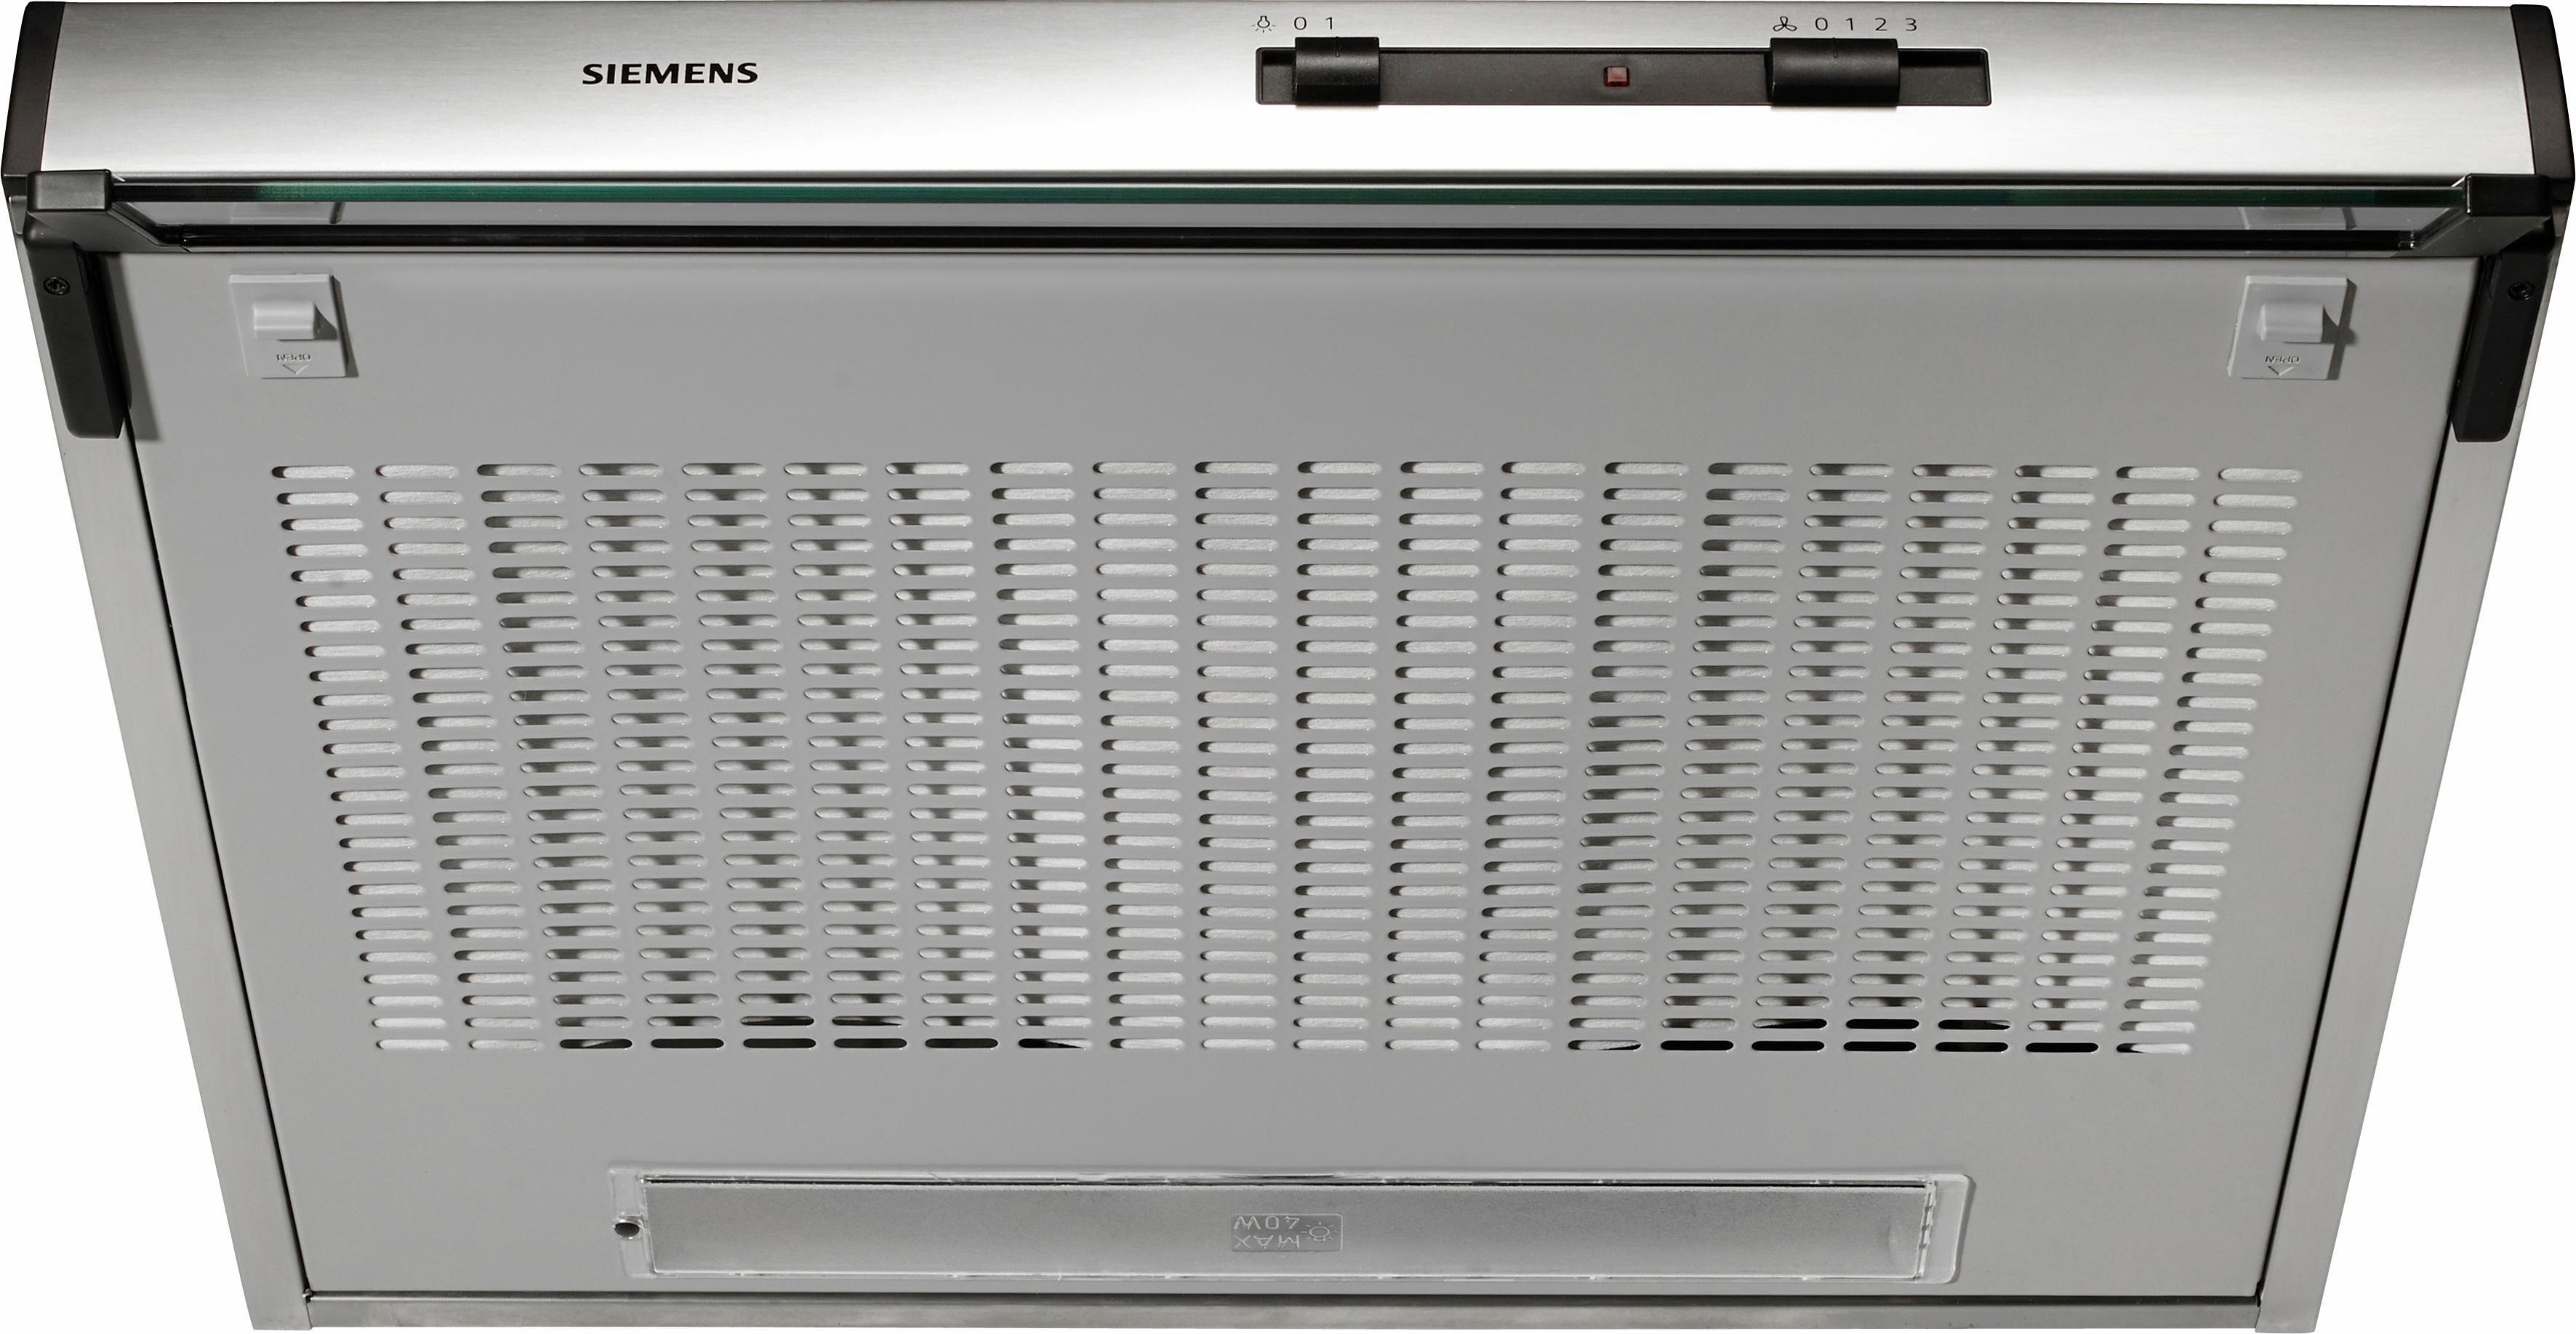 Siemens Unterbauhaube LU11153